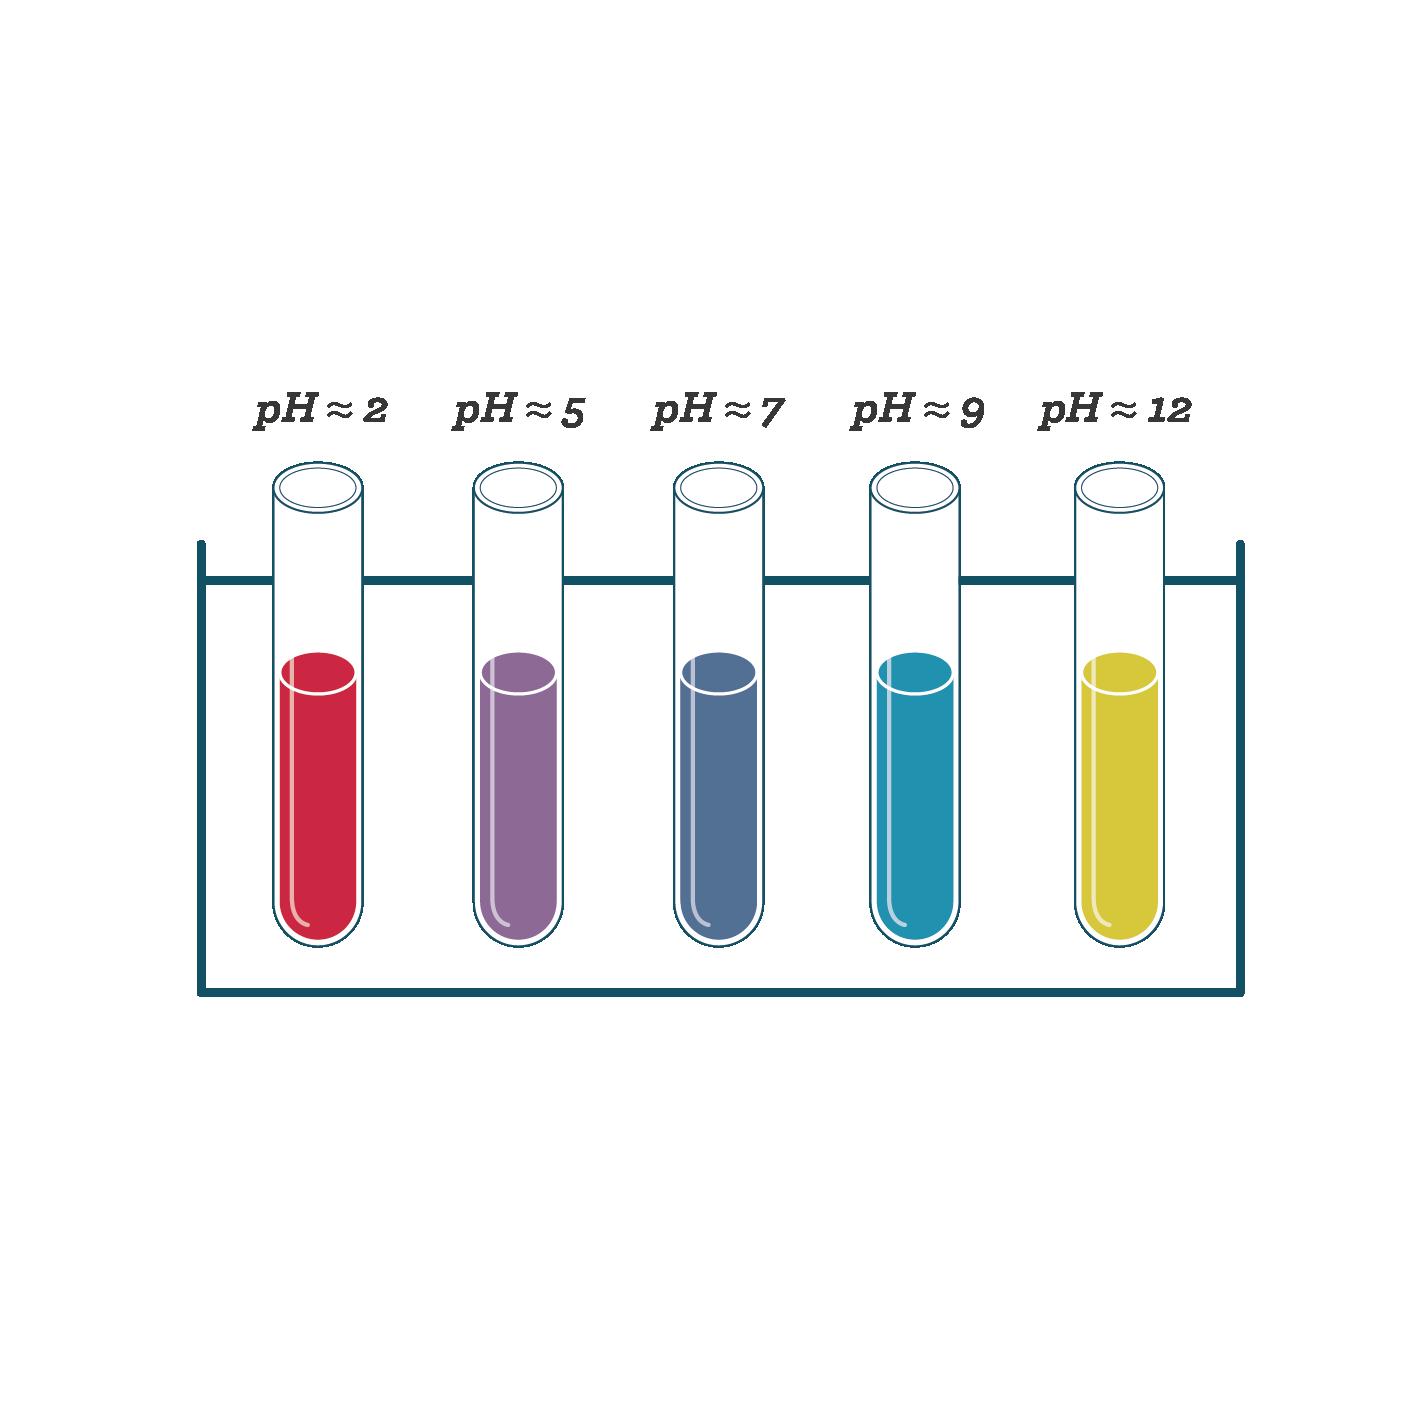 Couleur d'un extrait de chou rouge en fonction du pH du sol sciences première